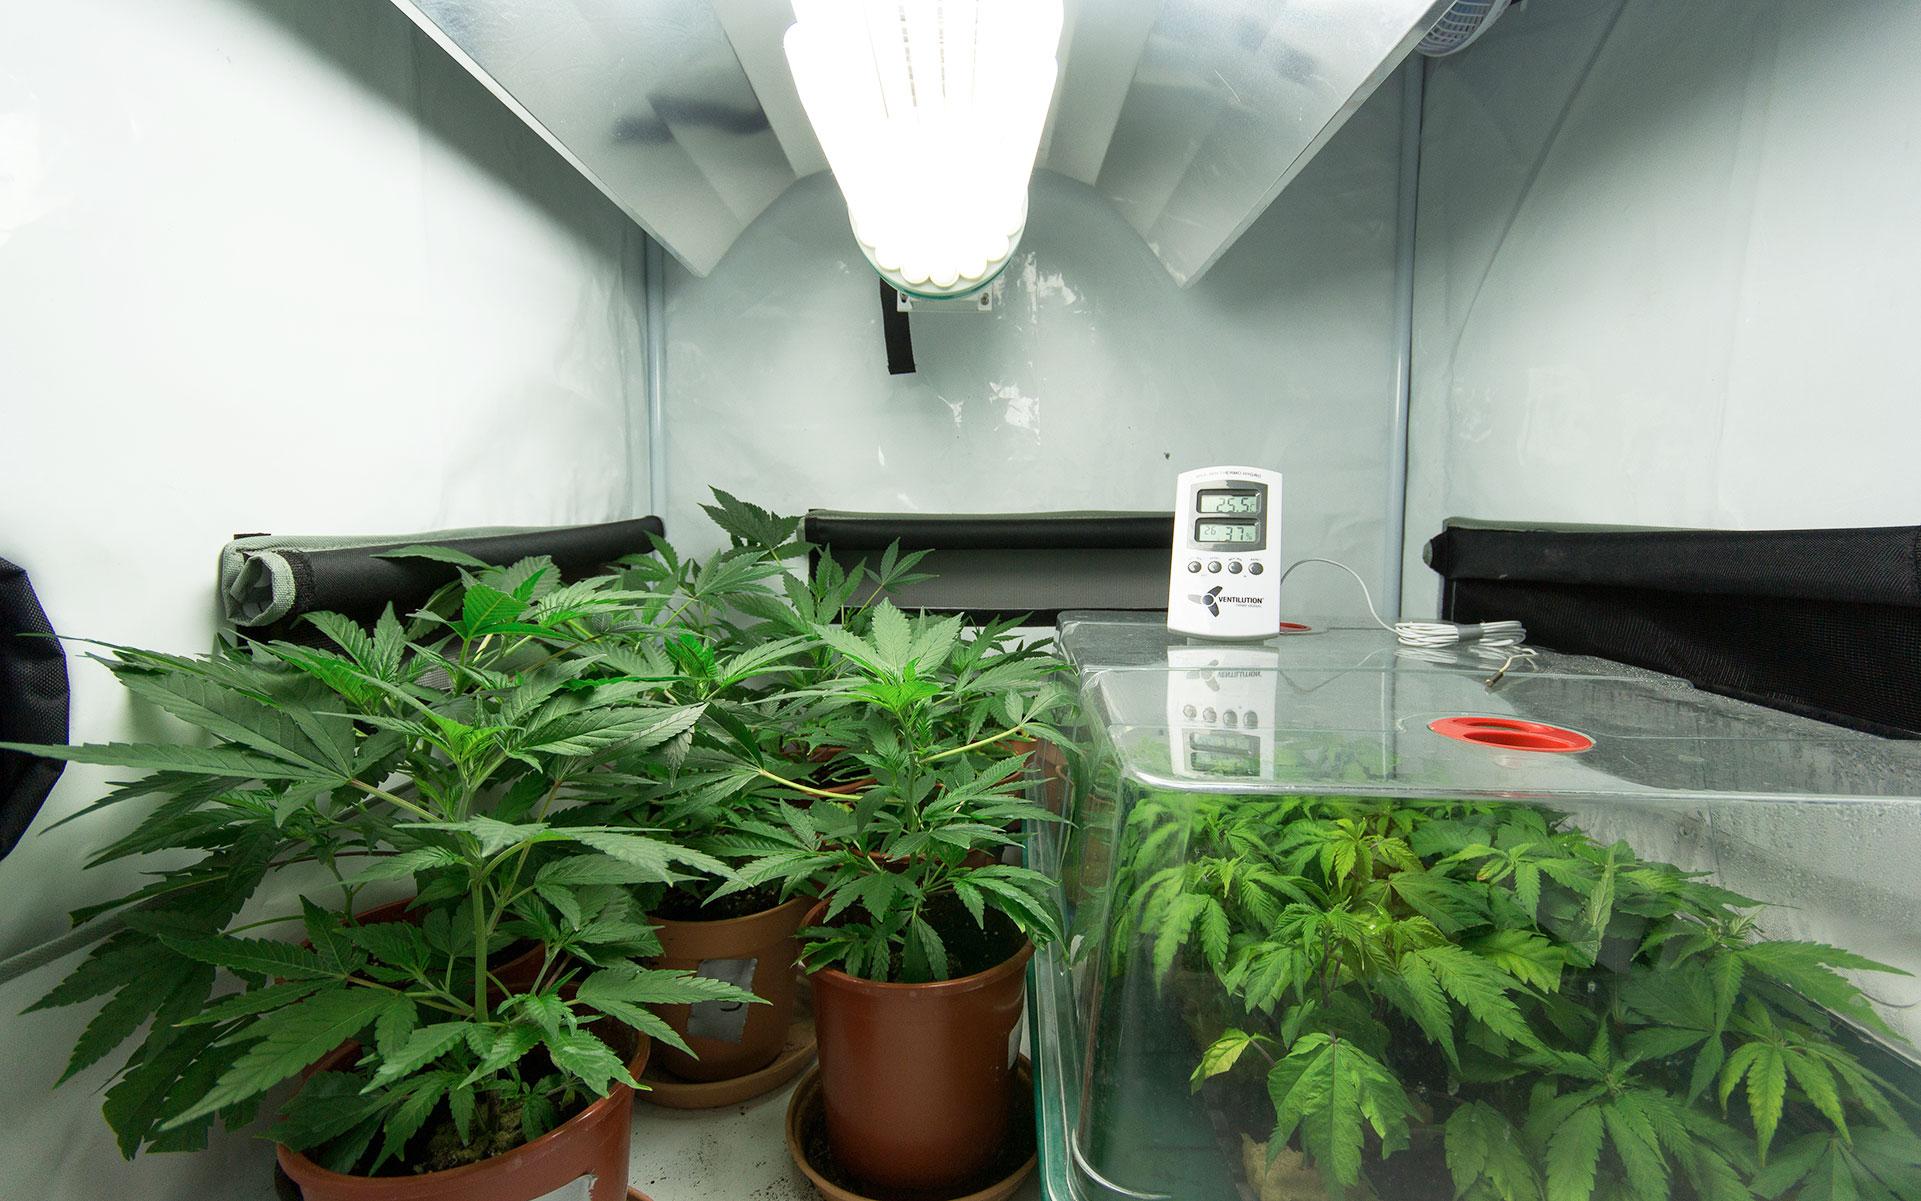 cultivo caseiro indoor de maconha - MJPure Play